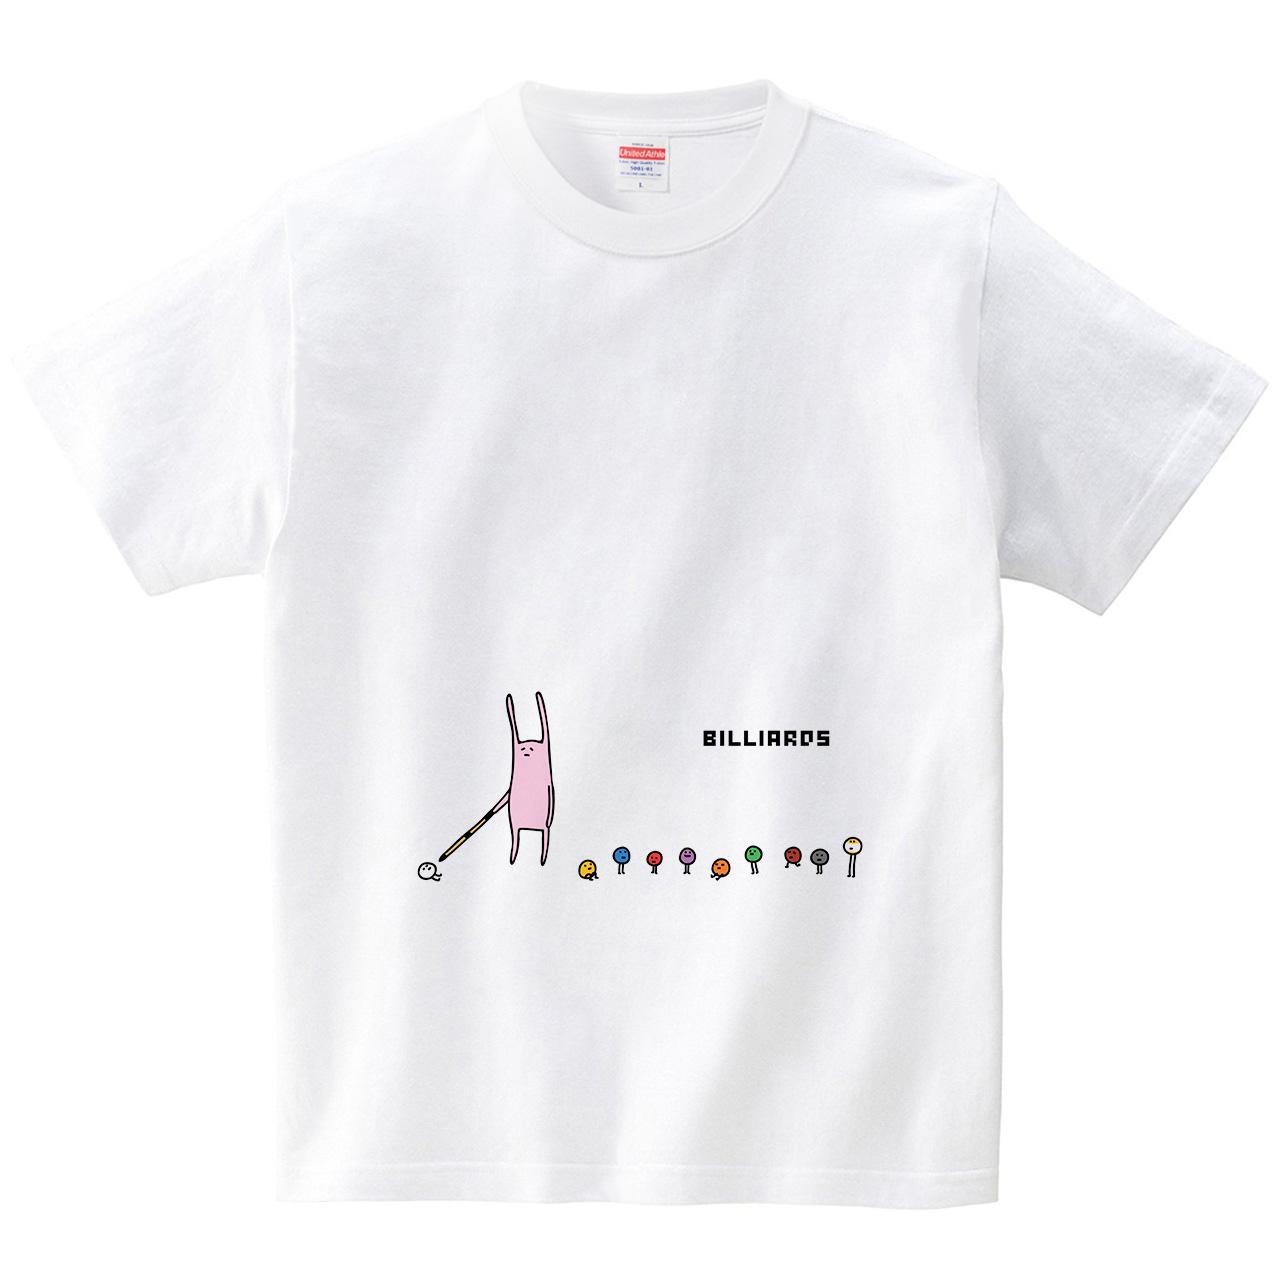 ビリヤードのボールが集まる(Tシャツ・ホワイト)(オワリ)